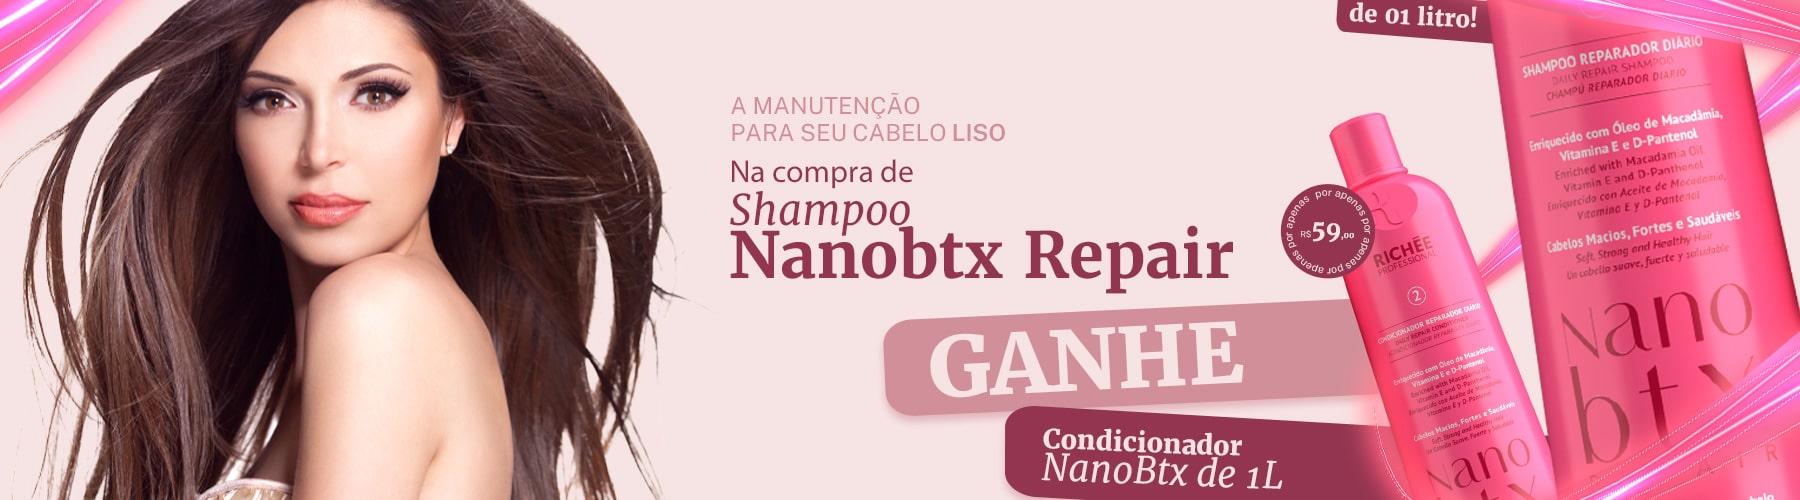 Richée NanoBTX Kit Profissional de Litro